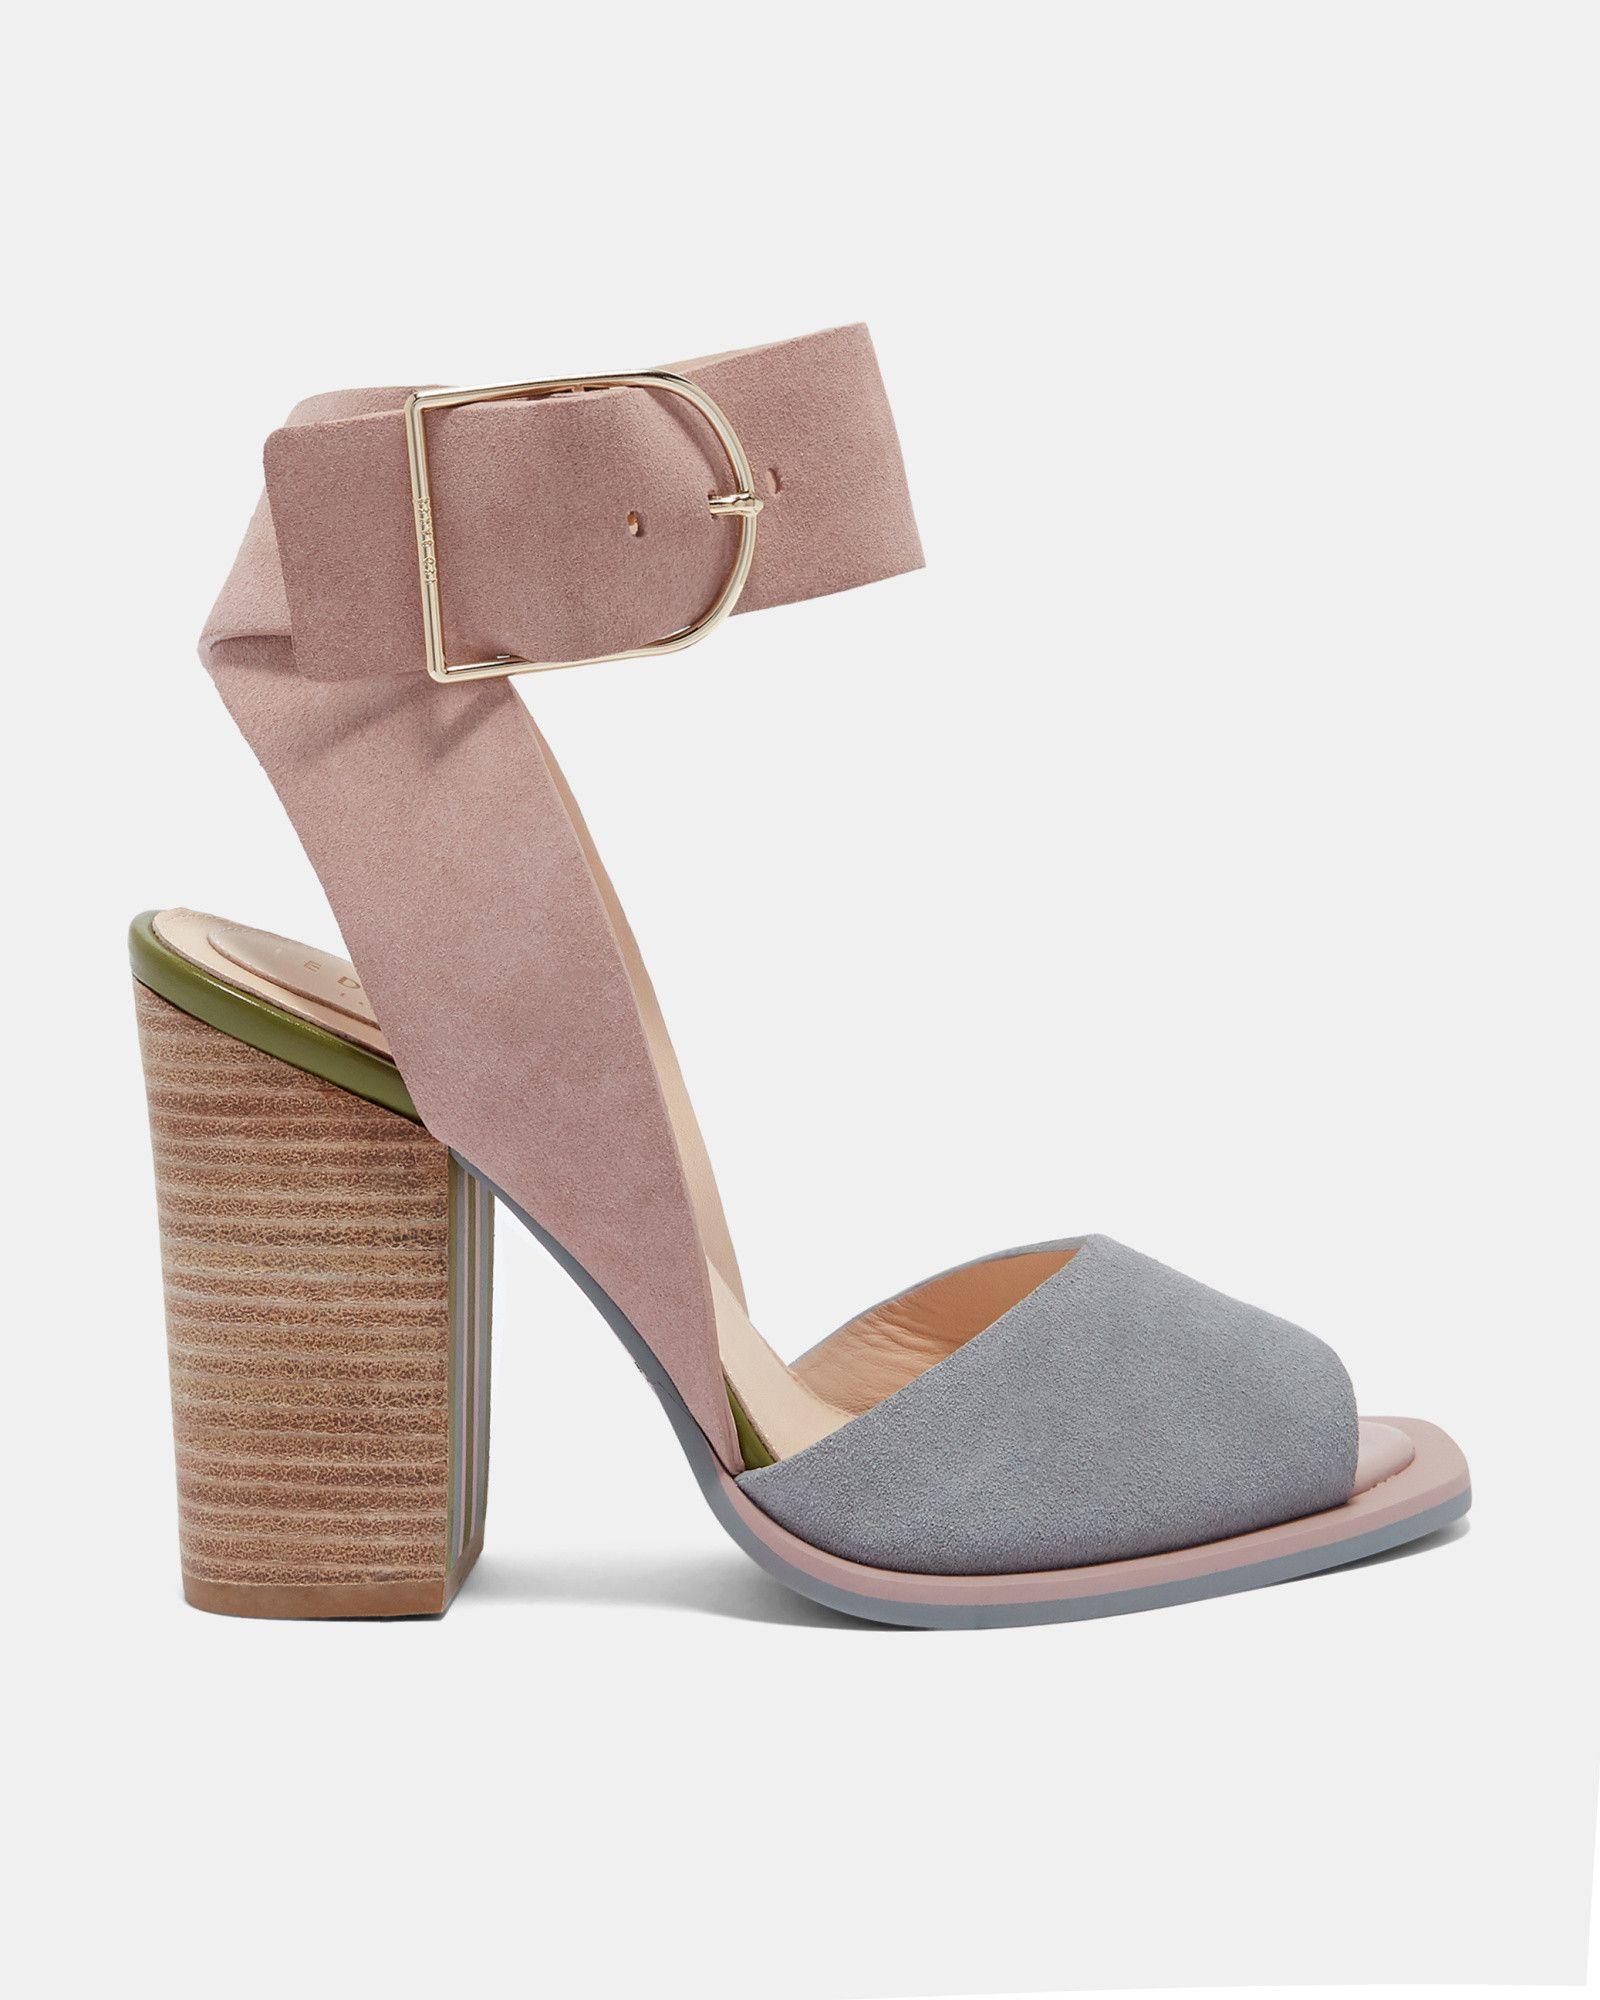 1e18818b6f6c Ted Baker Suede stripe heel detail sandals Mink